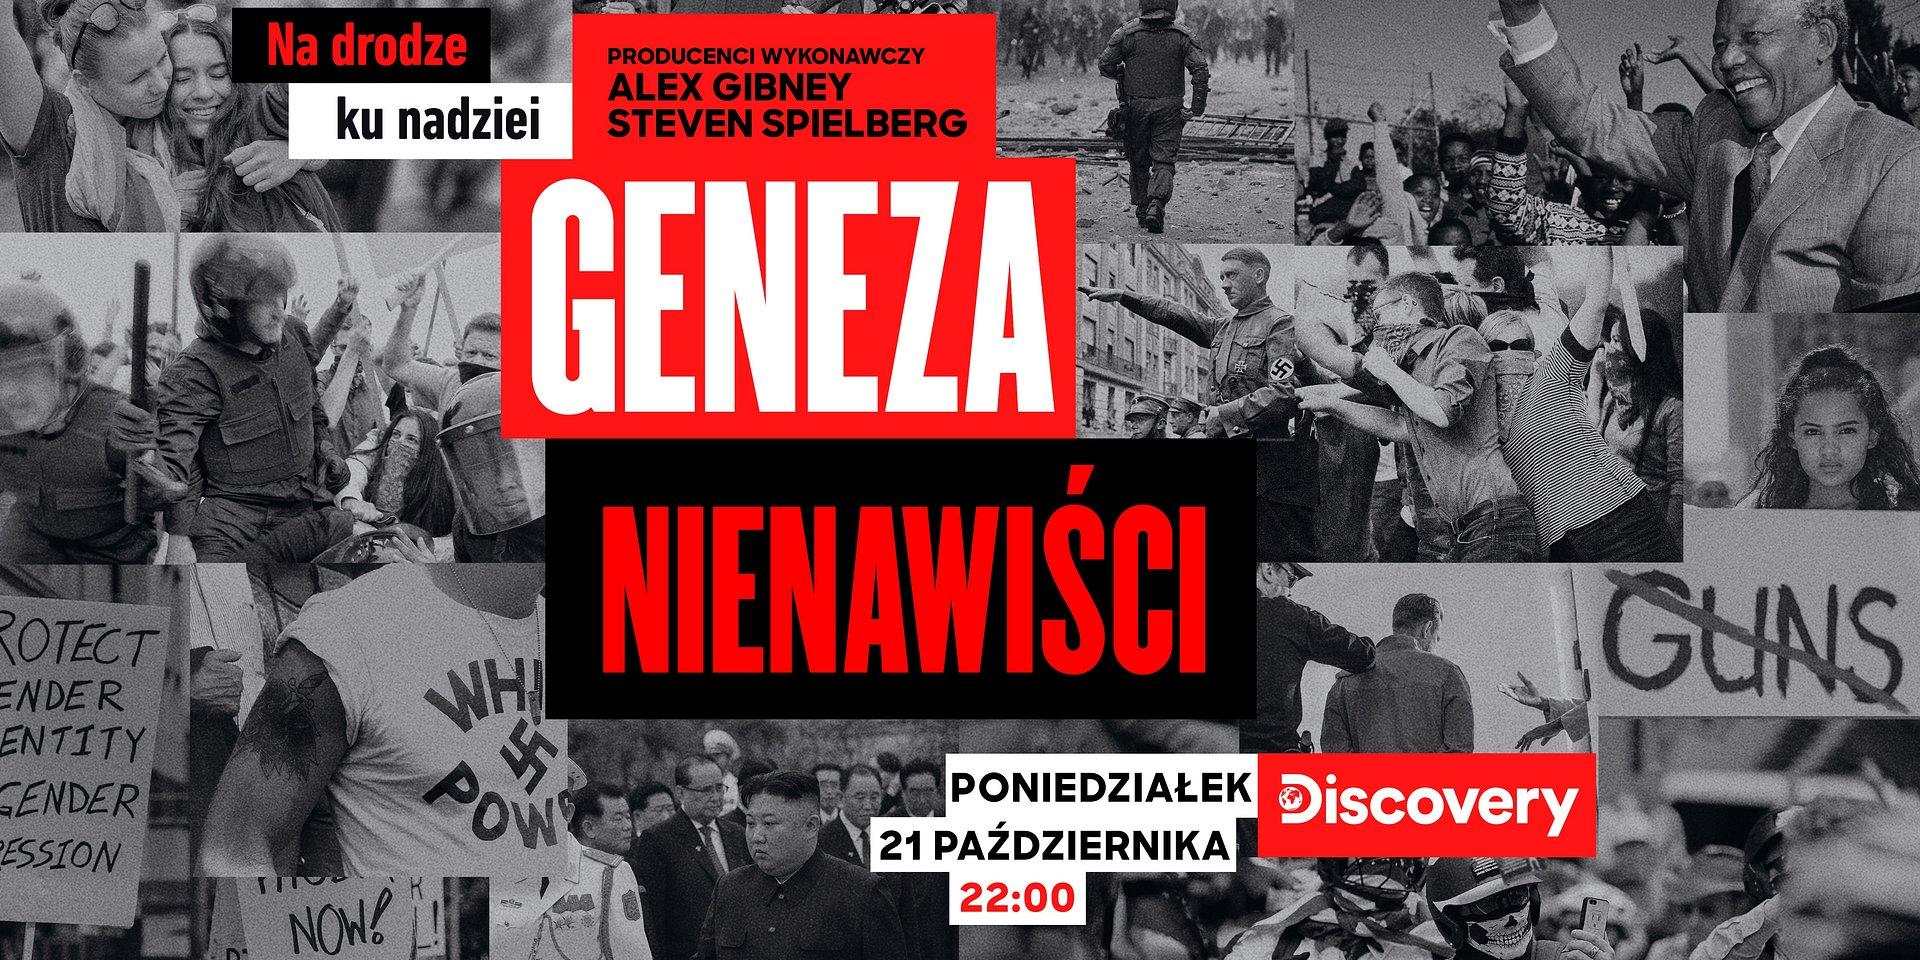 """Nowy serial dokumentalny laureatów Oscara® Alexa Gibneya i Stevena Spielberga """"Geneza nienawiści"""" już w październiku w Discovery Channel!"""